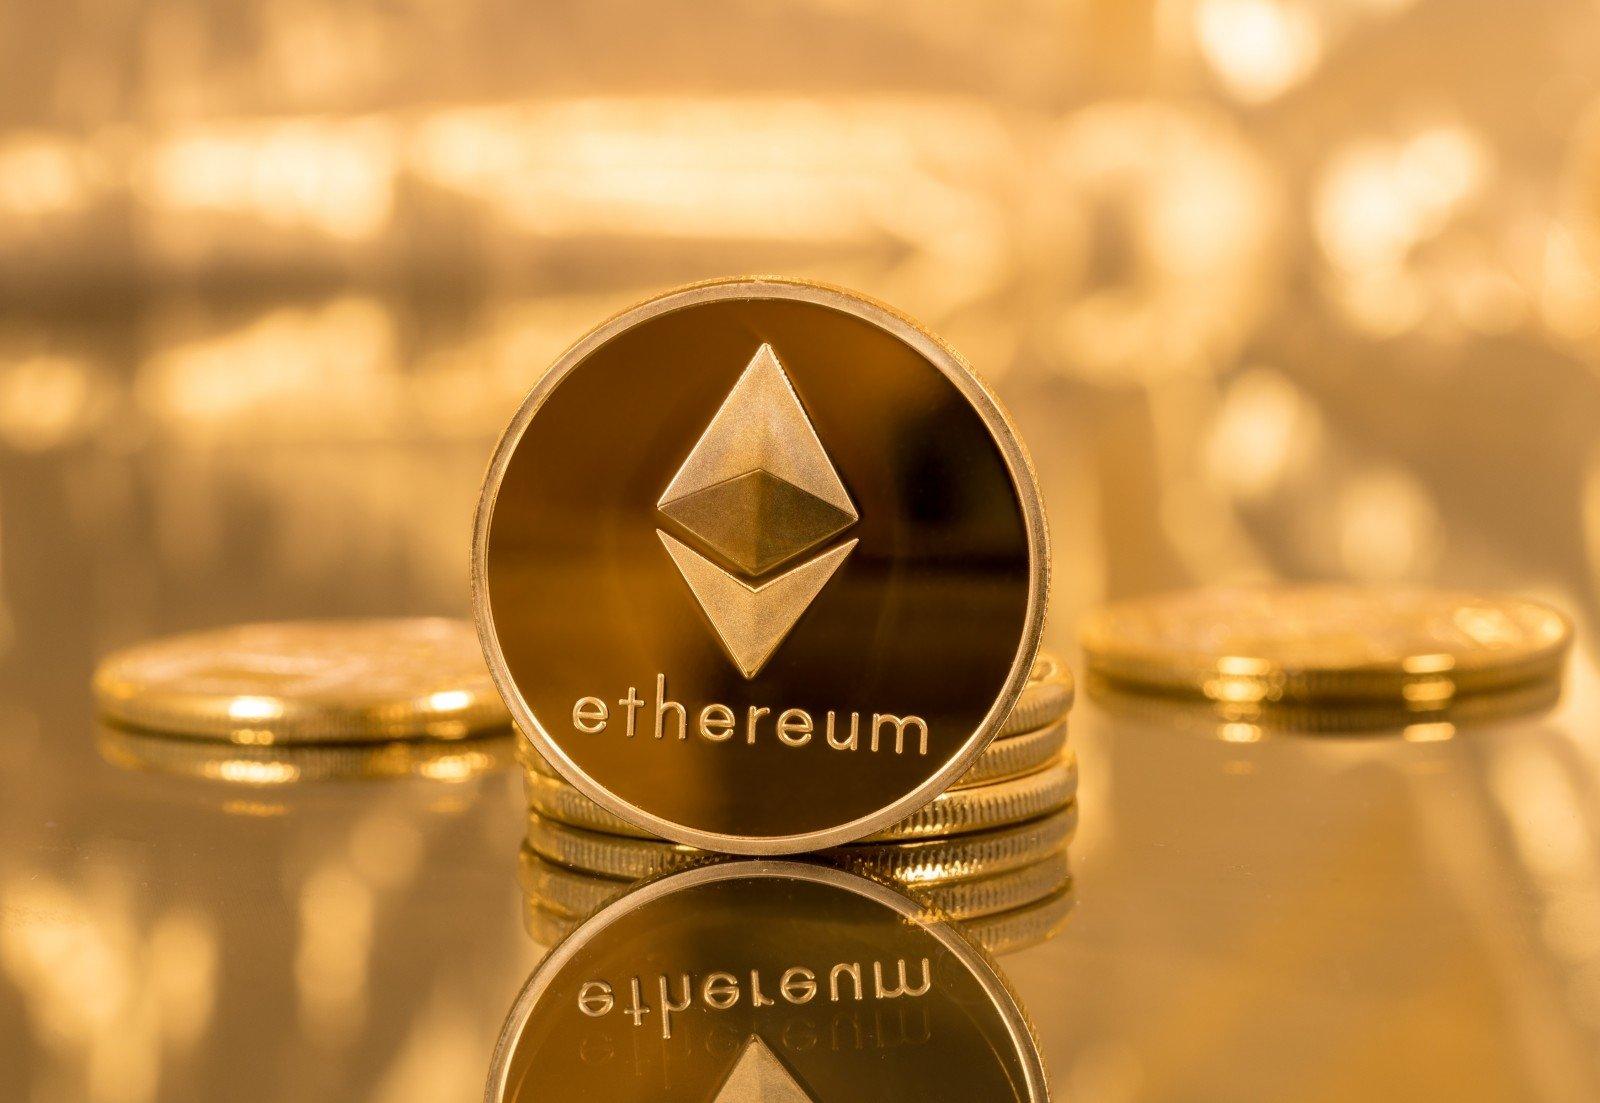 bitkoinų pinigų plovimas